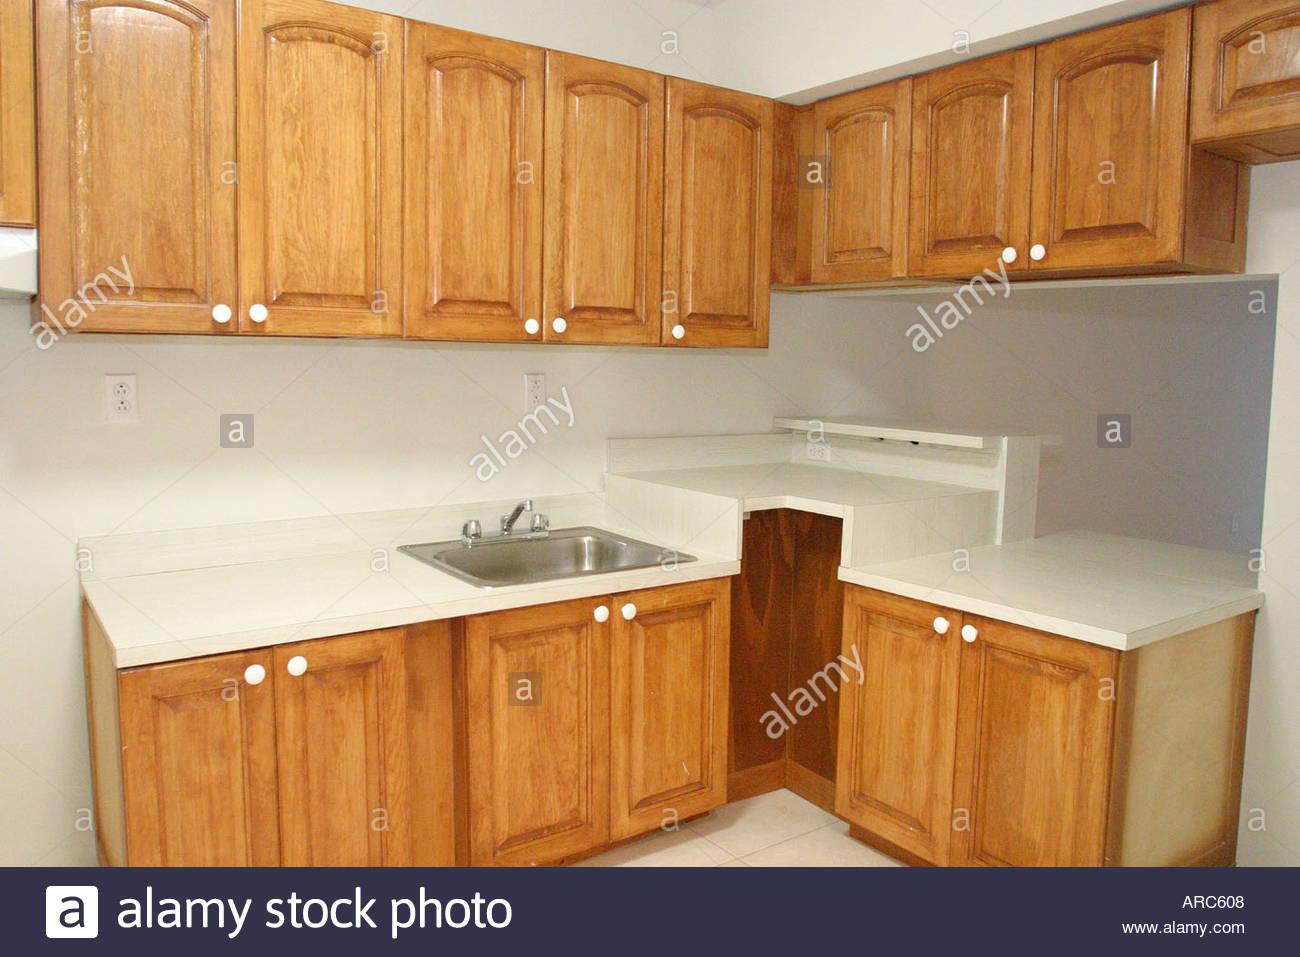 Miami Beach Florida new rental housing for seniors elderly kitchen Stock Photo